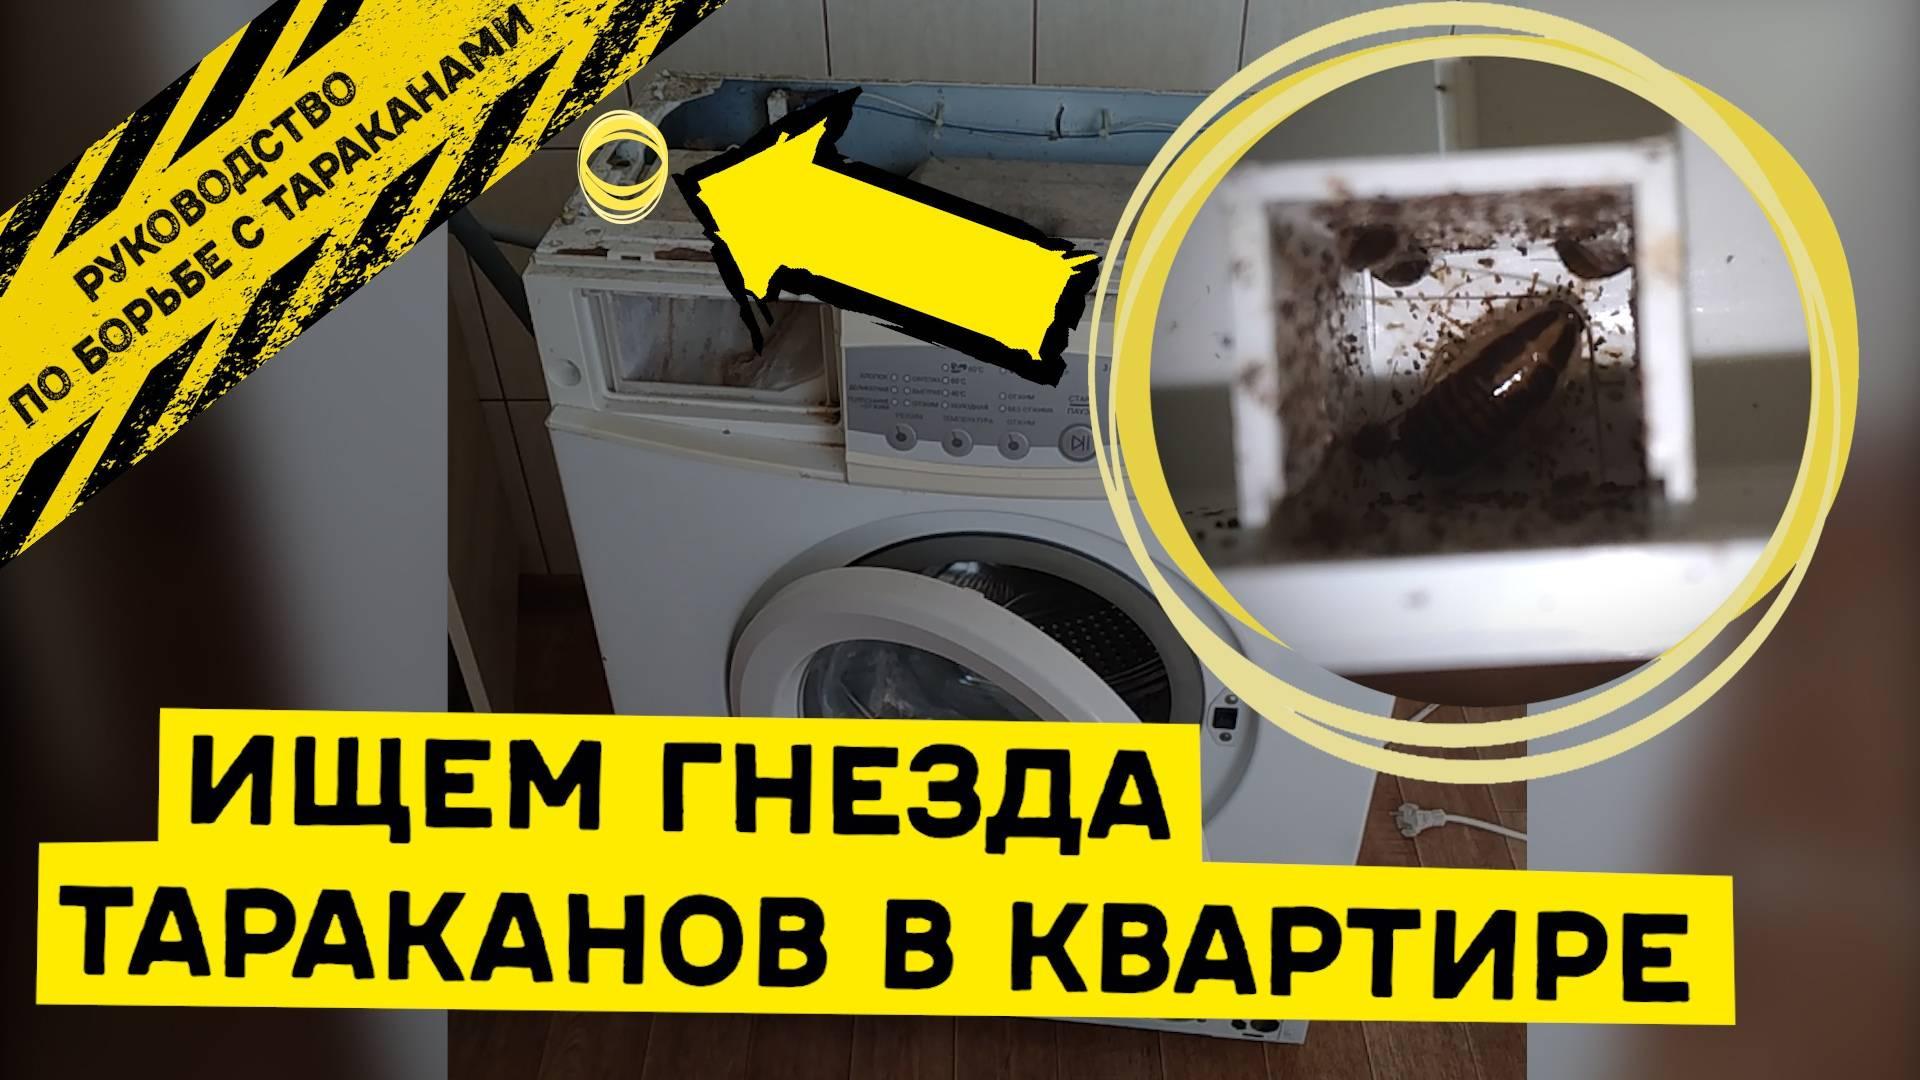 Куда ушли тараканы: почему исчезли, куда делись из квартир: описание, видео, фото